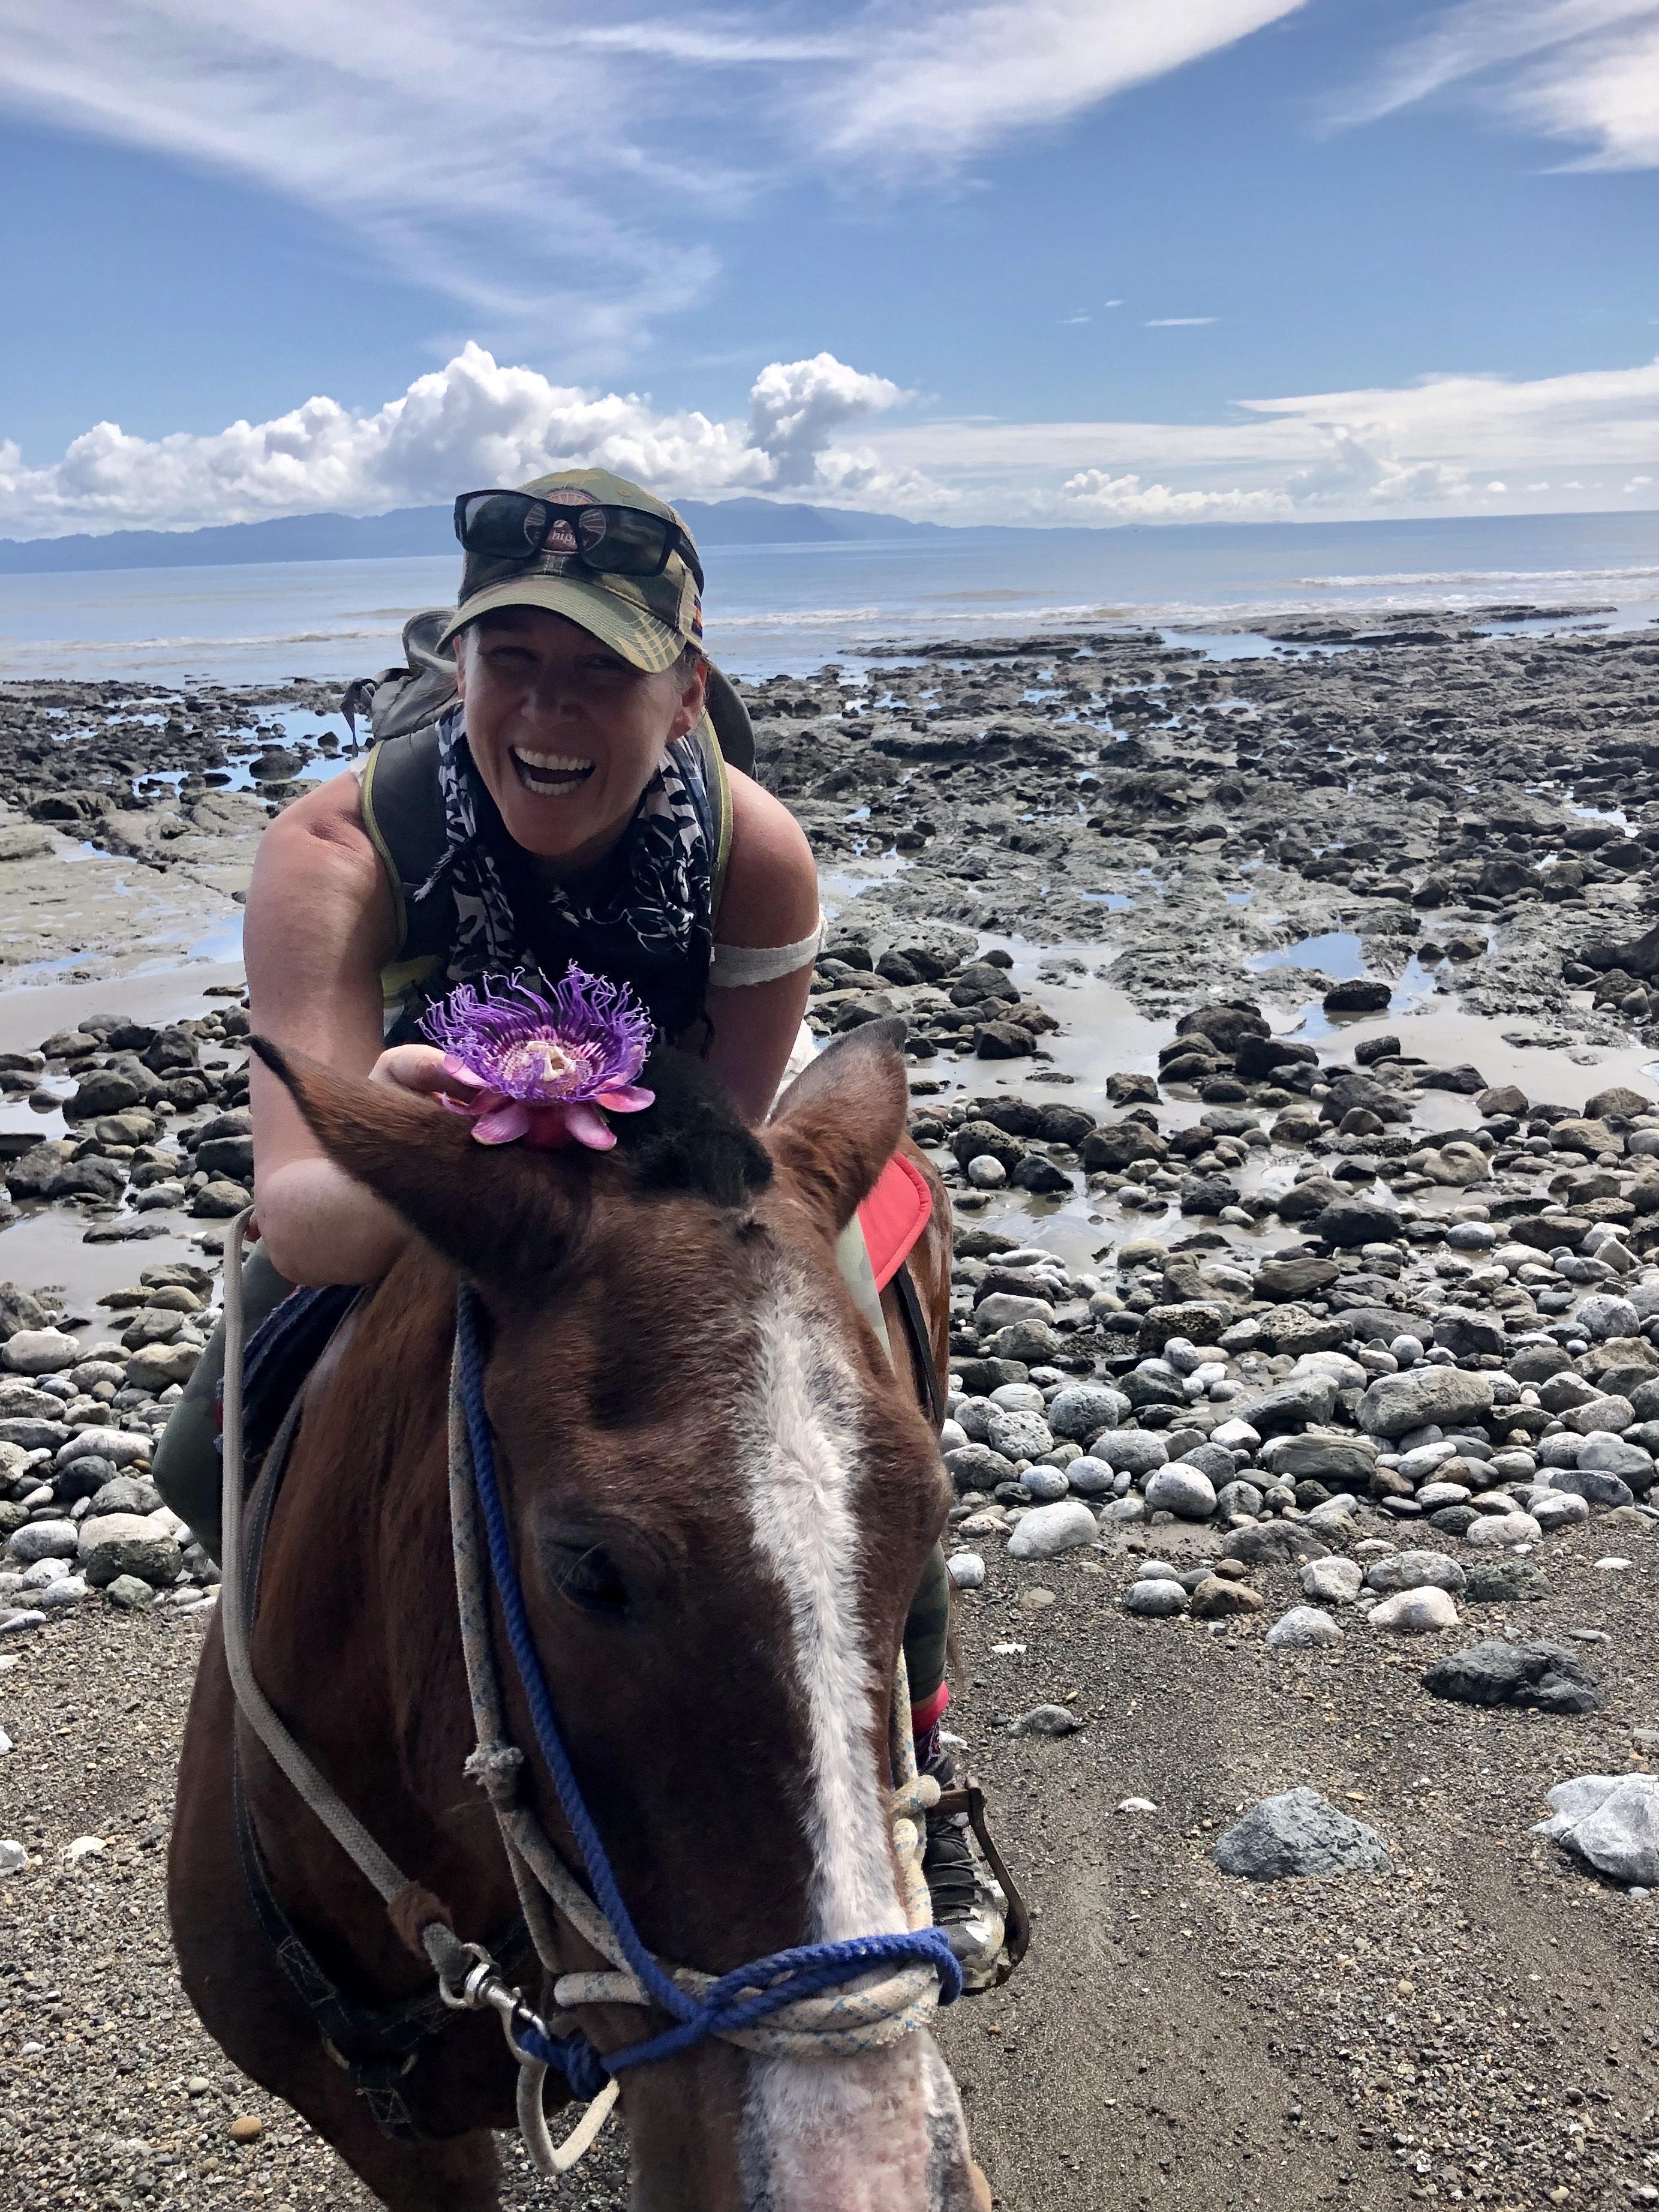 Exploring the Osa Peninsula on horseback. (Tami Ellis)